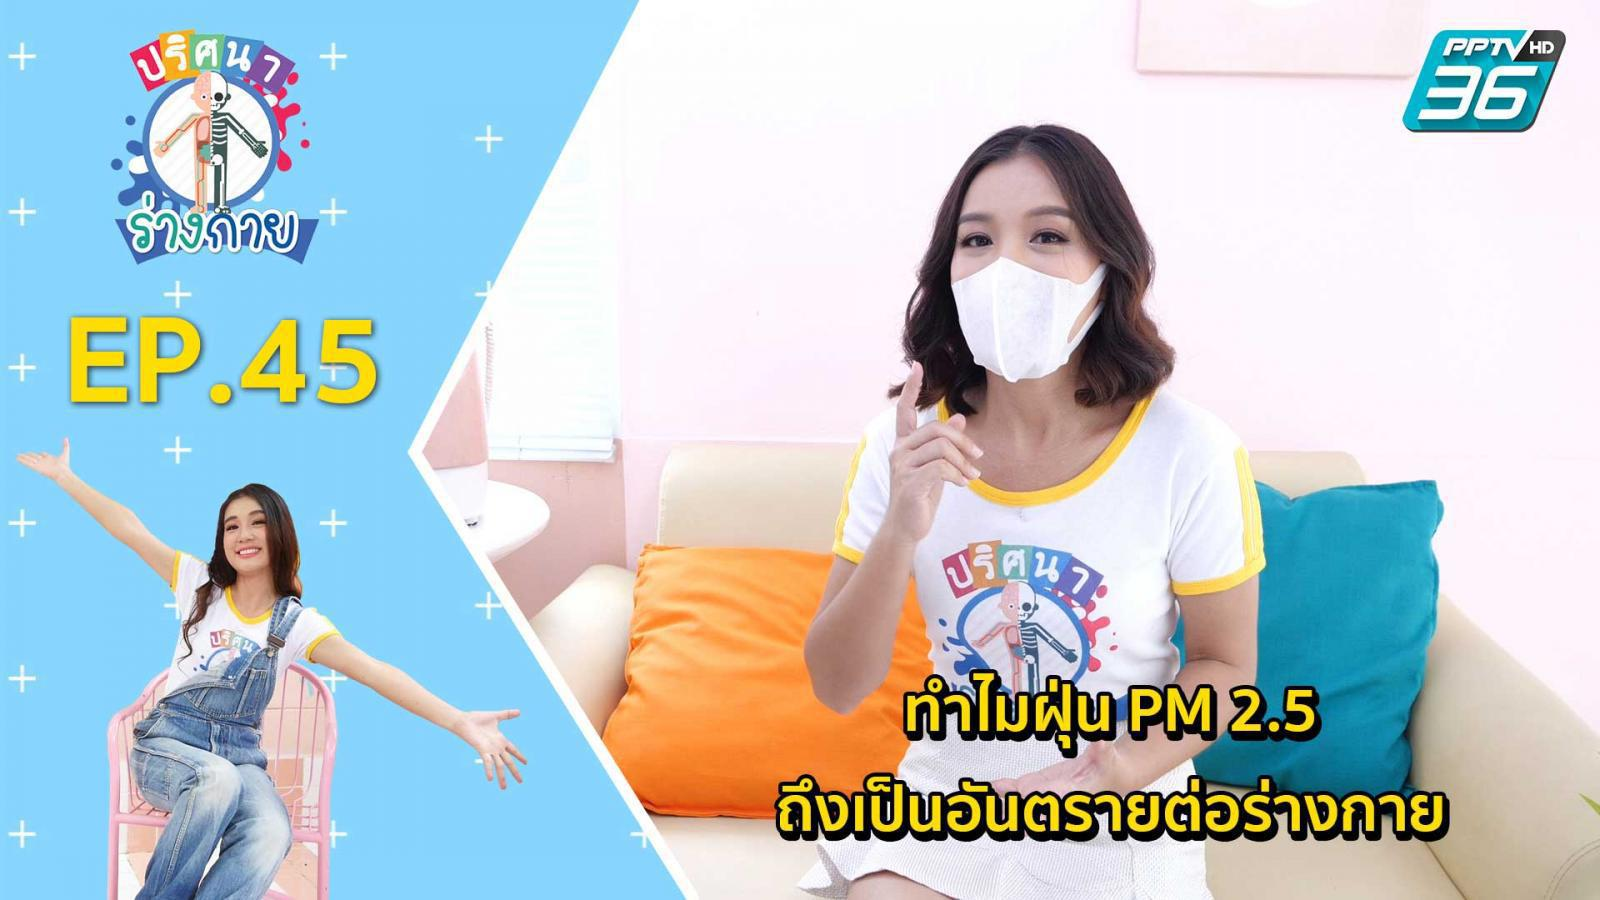 ปริศนาร่างกาย EP.45 | ทำไมฝุ่น PM 2.5 ถึงเป็นอันตรายต่อร่างกาย | 18 ธ.ค. 63